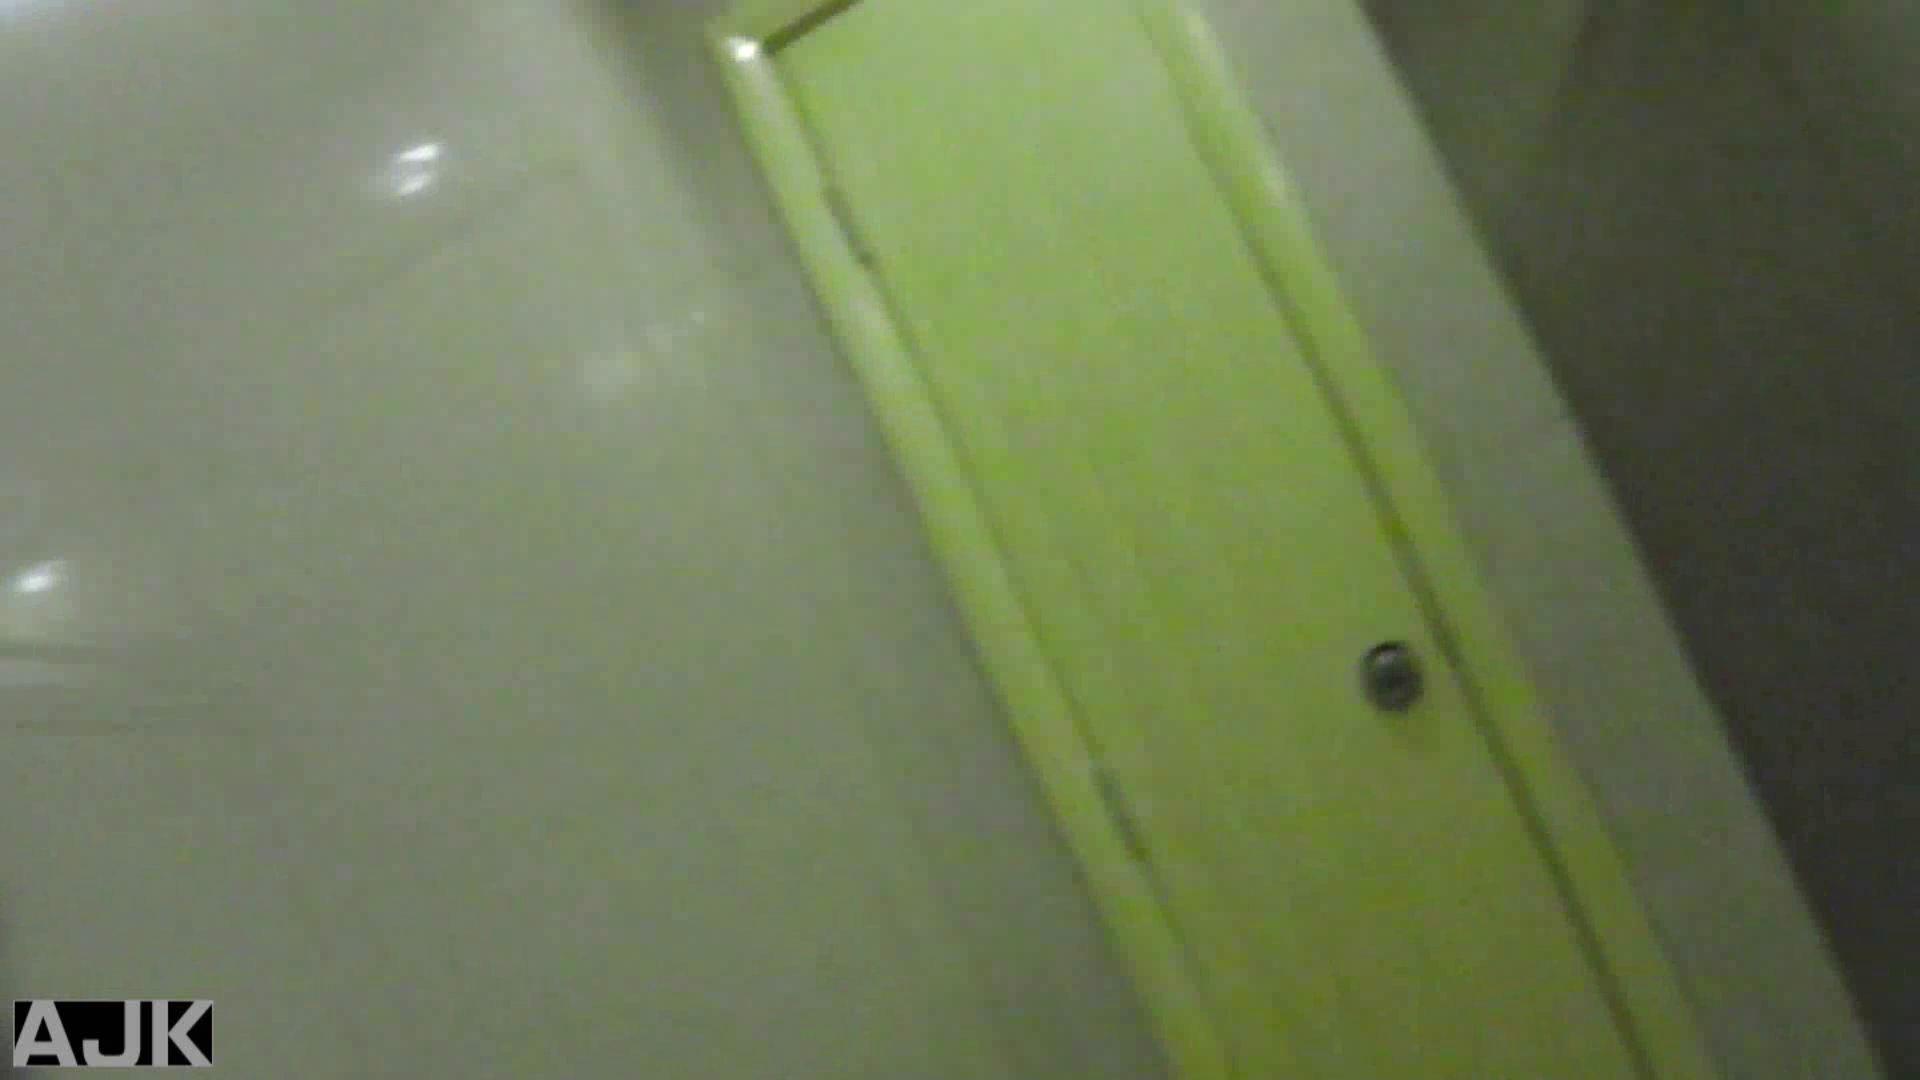 隣国上階級エリアの令嬢たちが集うデパートお手洗い Vol.15 洗面所 ワレメ無修正動画無料 106画像 68